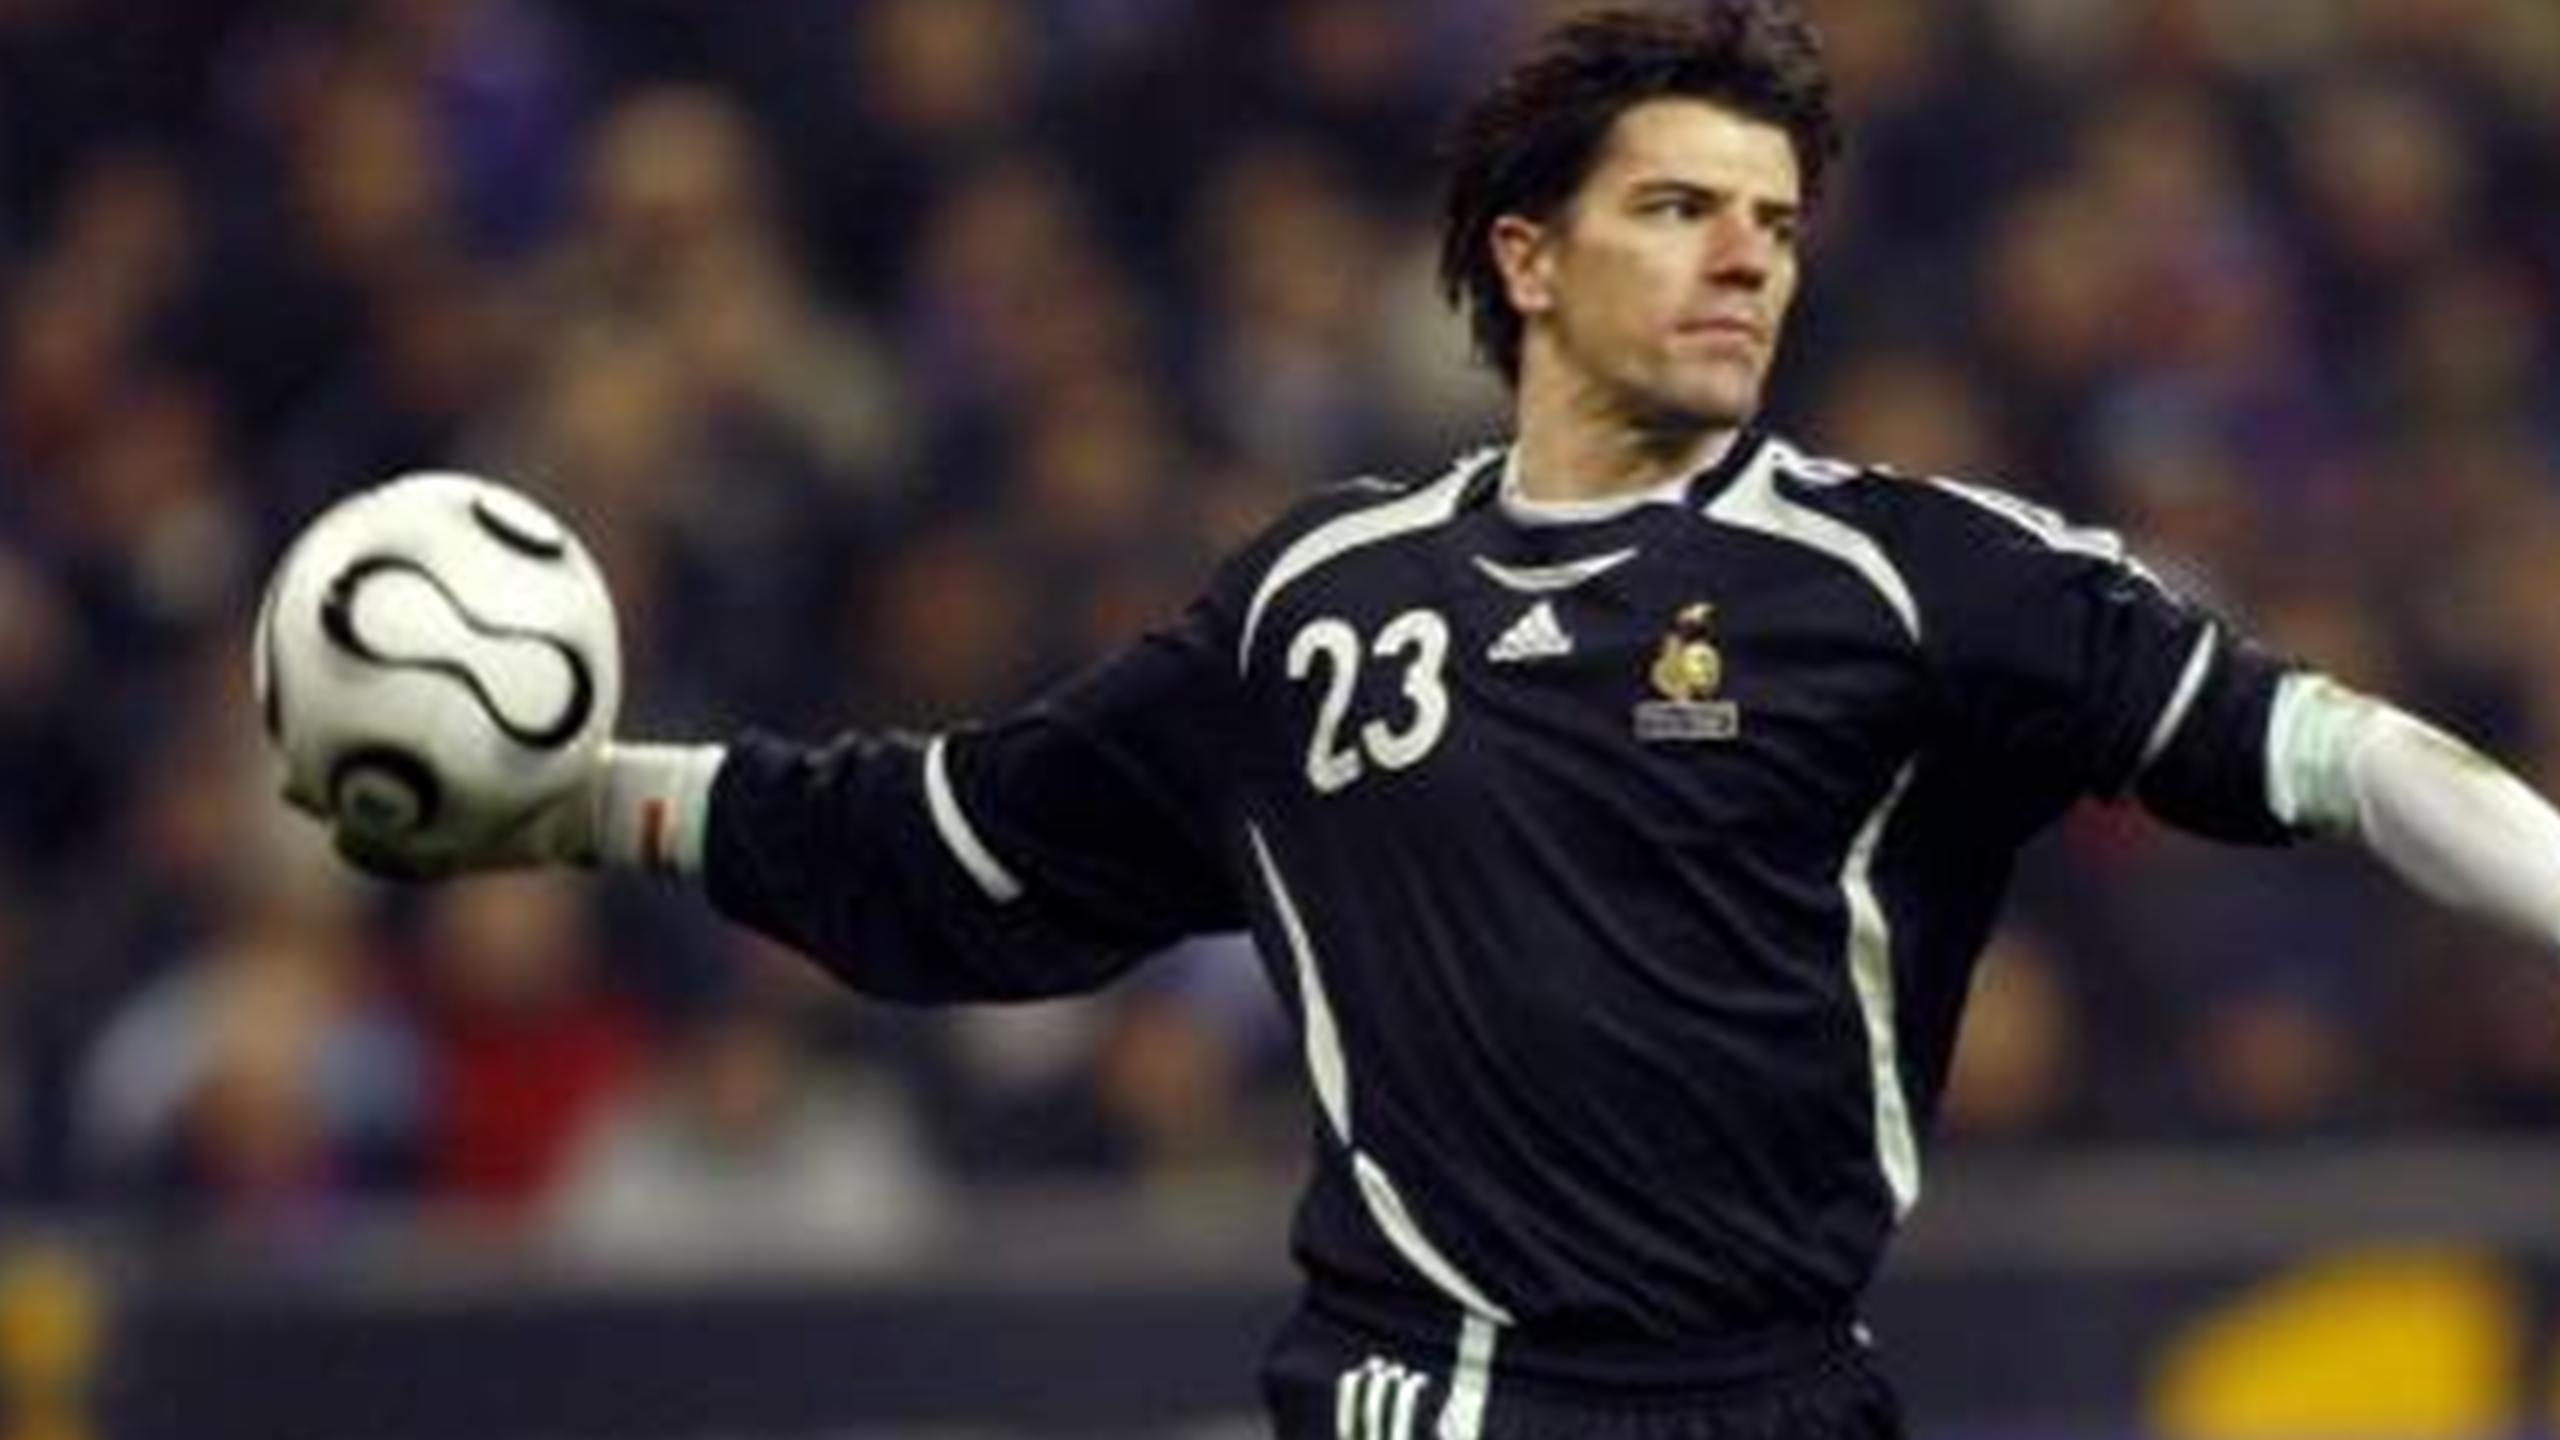 Лион чемпион франции 2006 2007 футбол